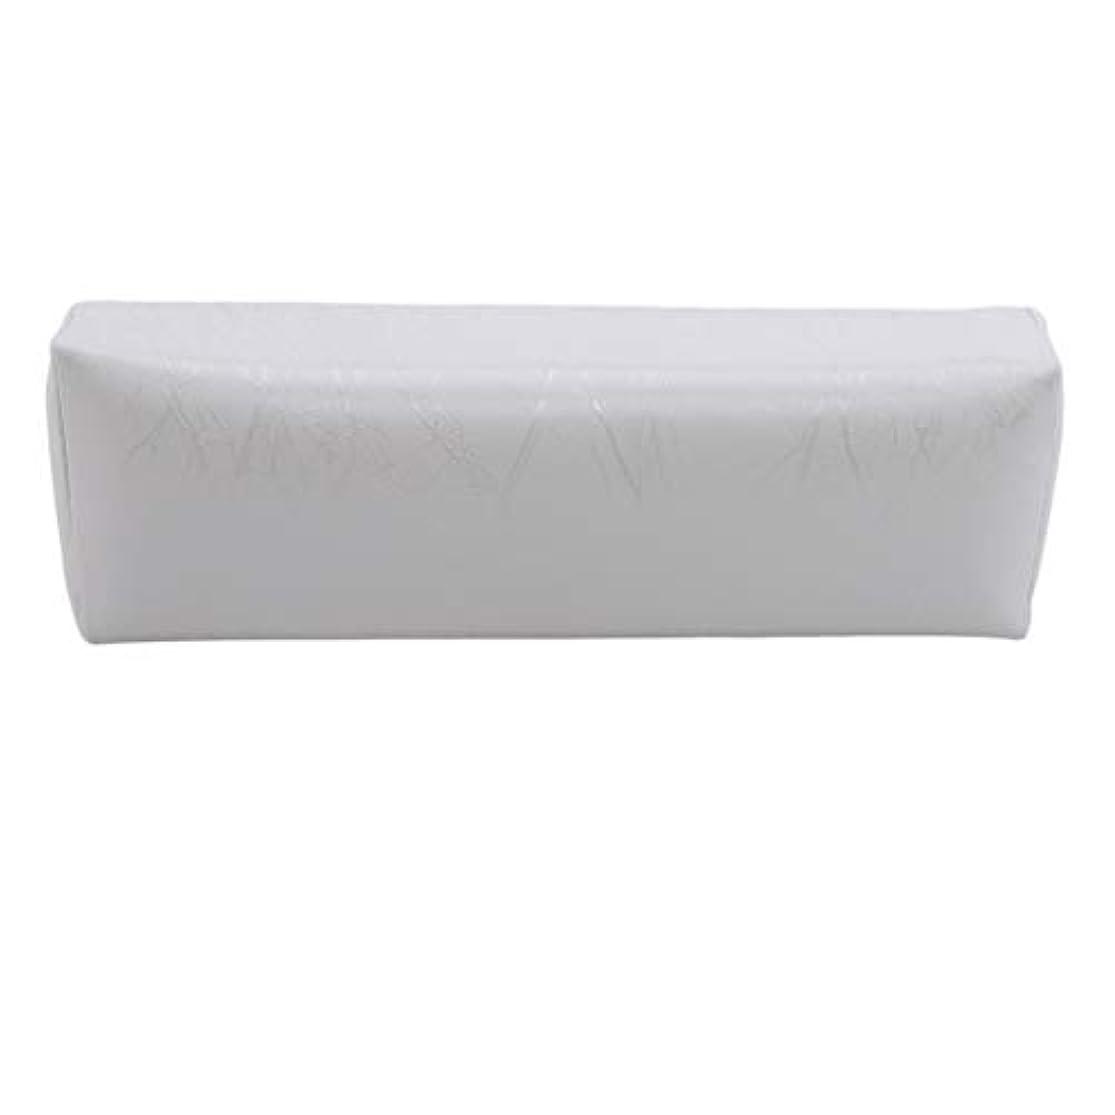 望む引き付ける奪うHKUN プロのネイルアートツール ケアツール 洗える 手枕クッション ネイルアートホルダー ソフトアームレスト用 ネイルケア用 マニキュアネイル用品 白色